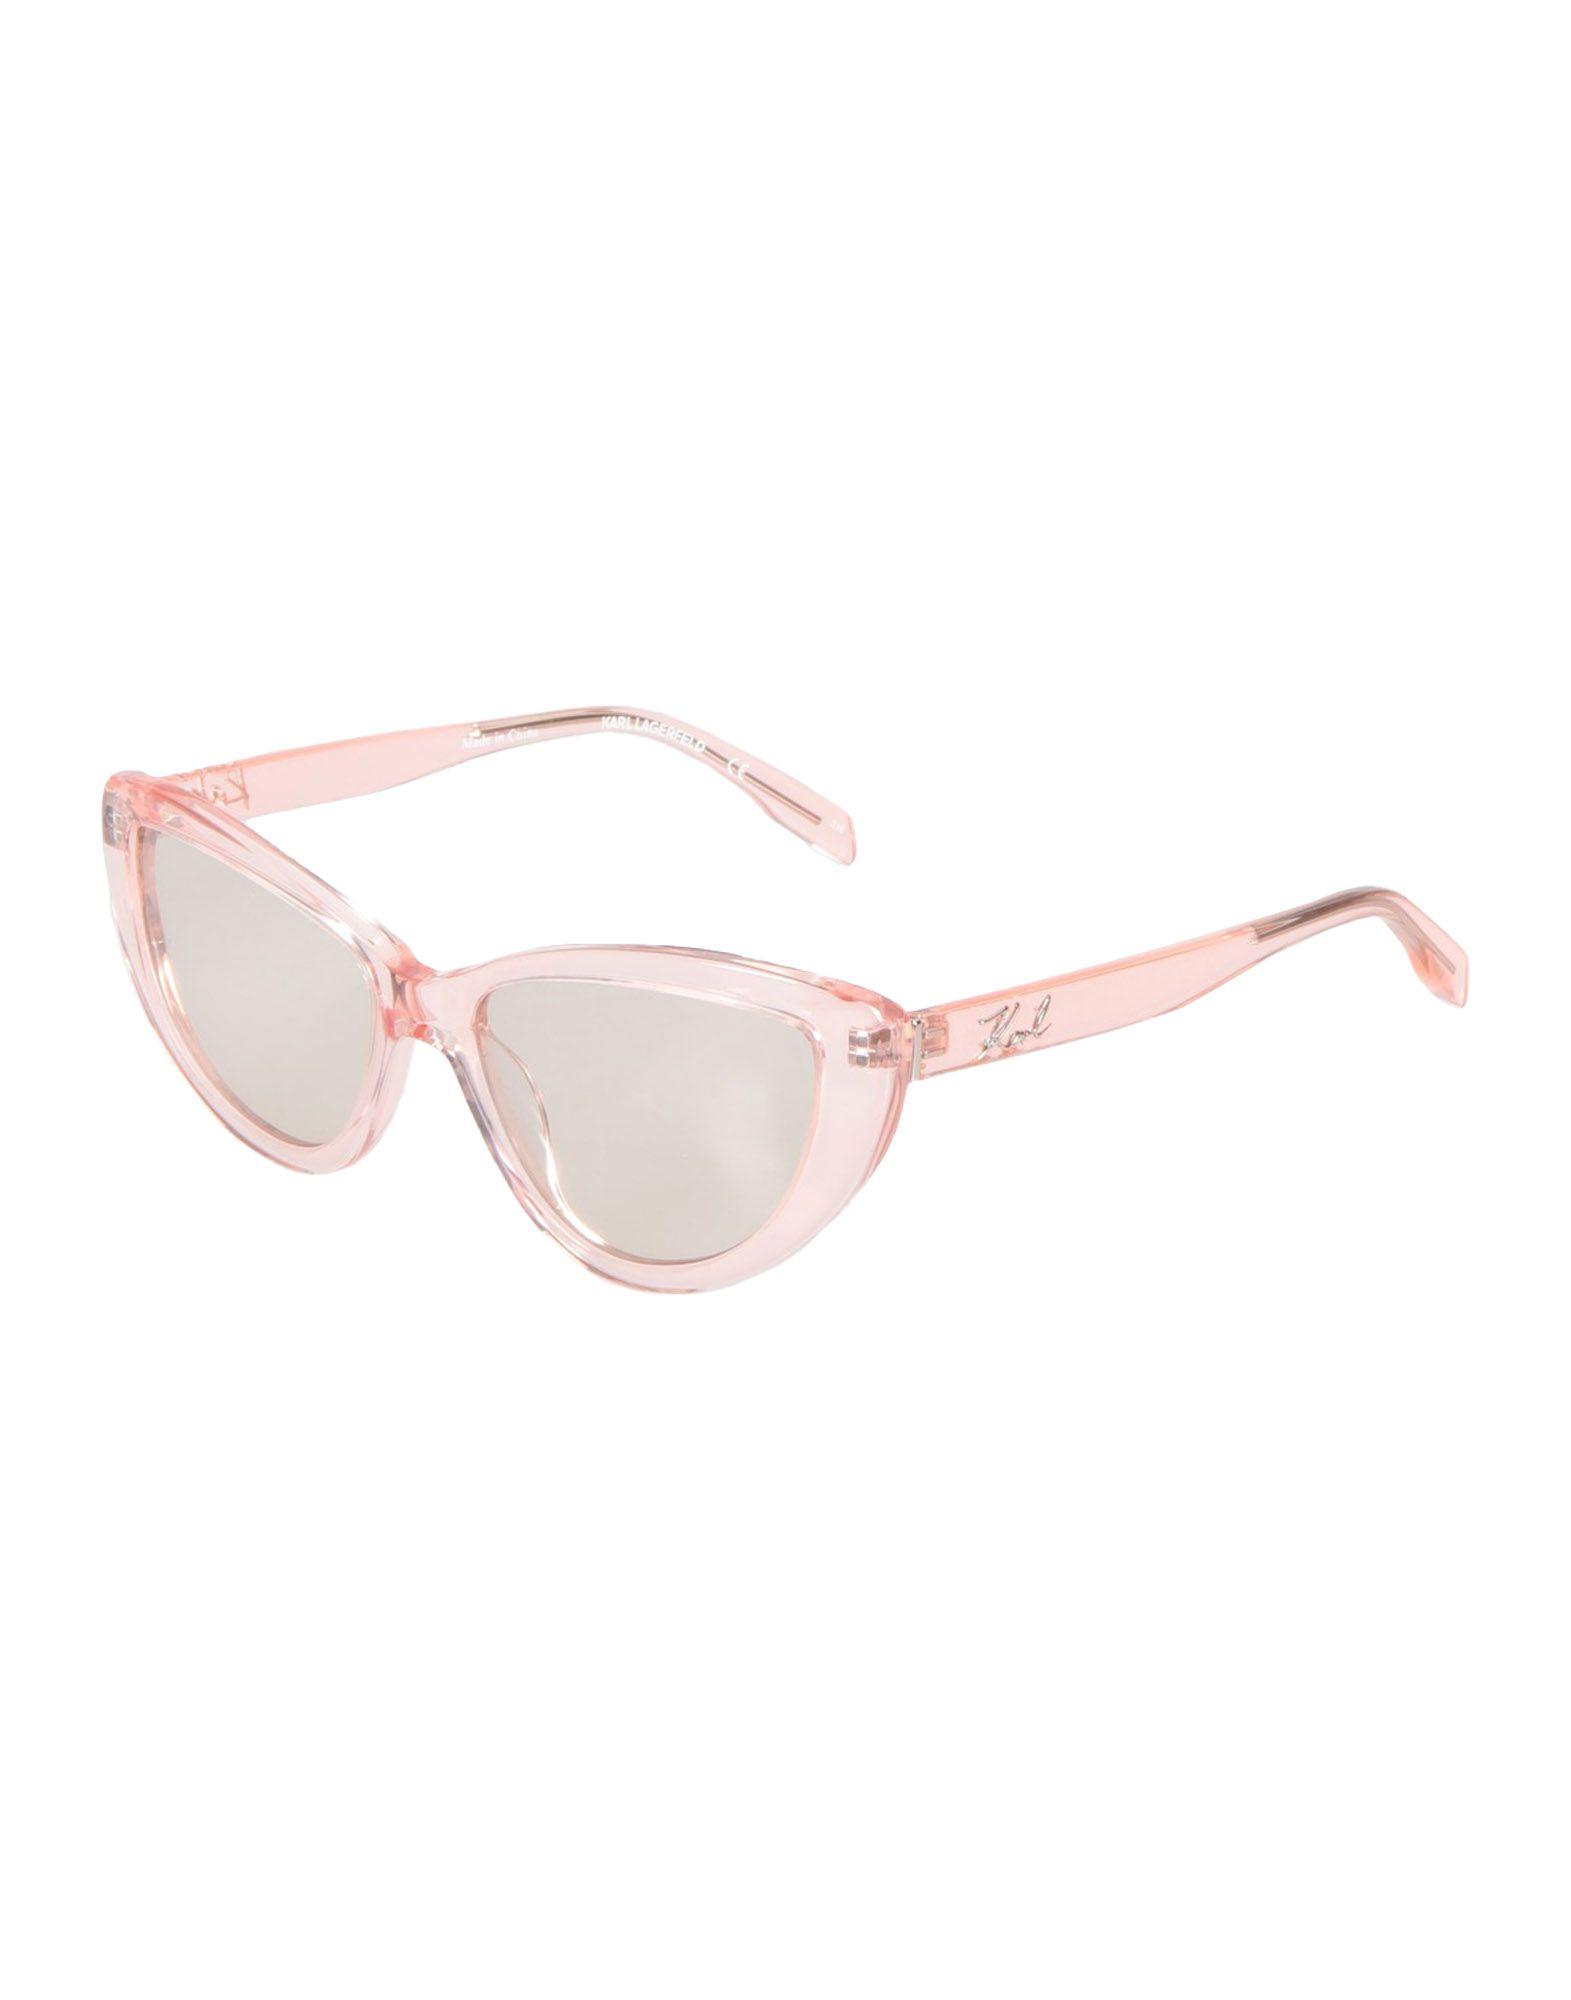 KARL LAGERFELD x KAIA Солнечные очки солнцезащитные очки karl lagerfeld солнцезащитные очки kl 927s 013